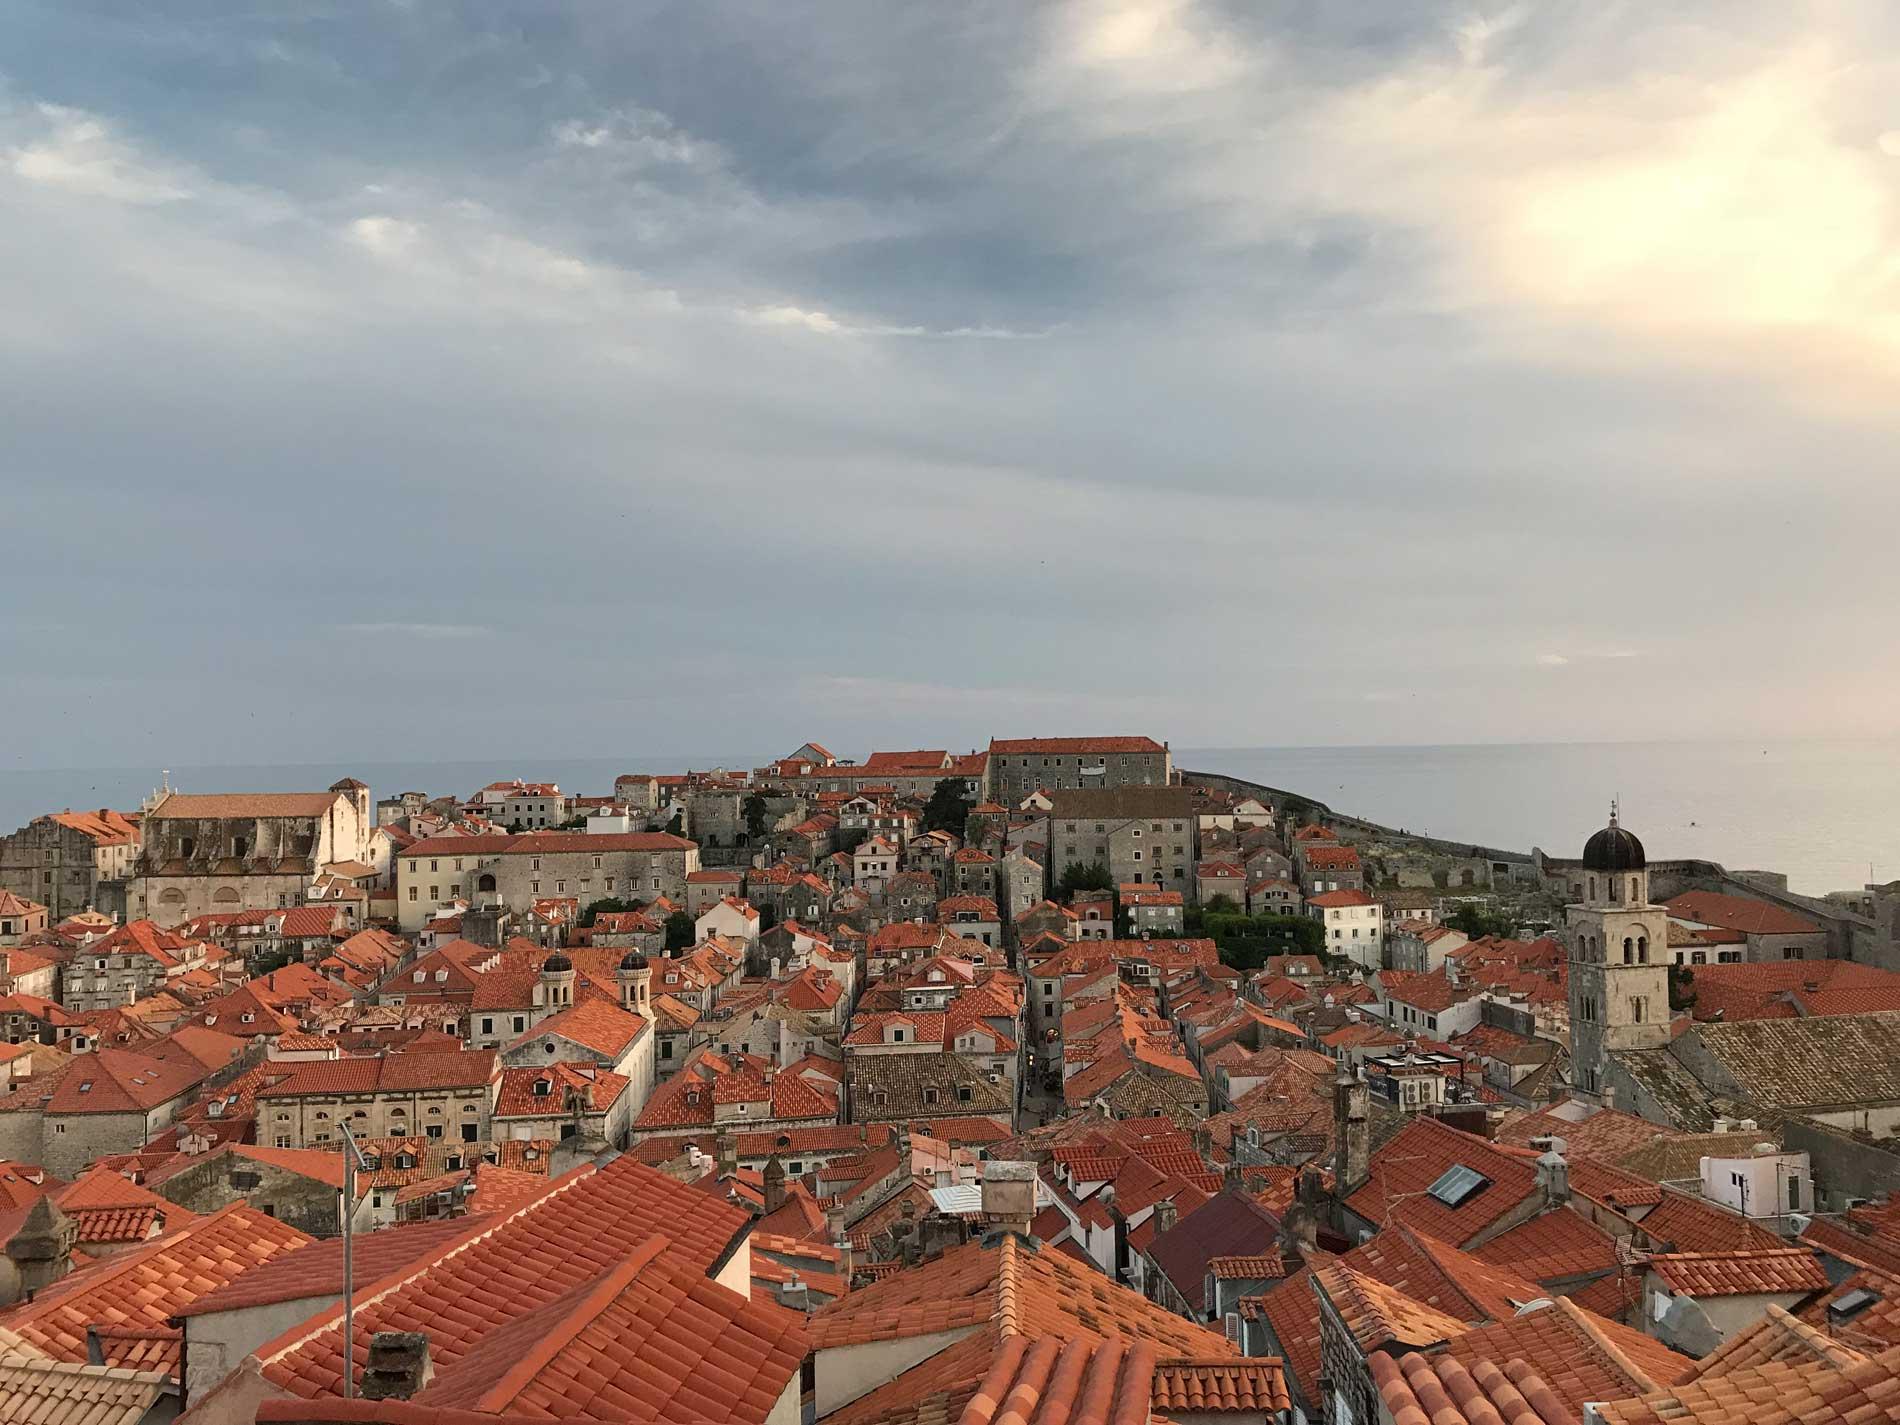 Dubrovnik-Croazia-vista-dalle-mura-case-tetti-rossi-monastero-francescano